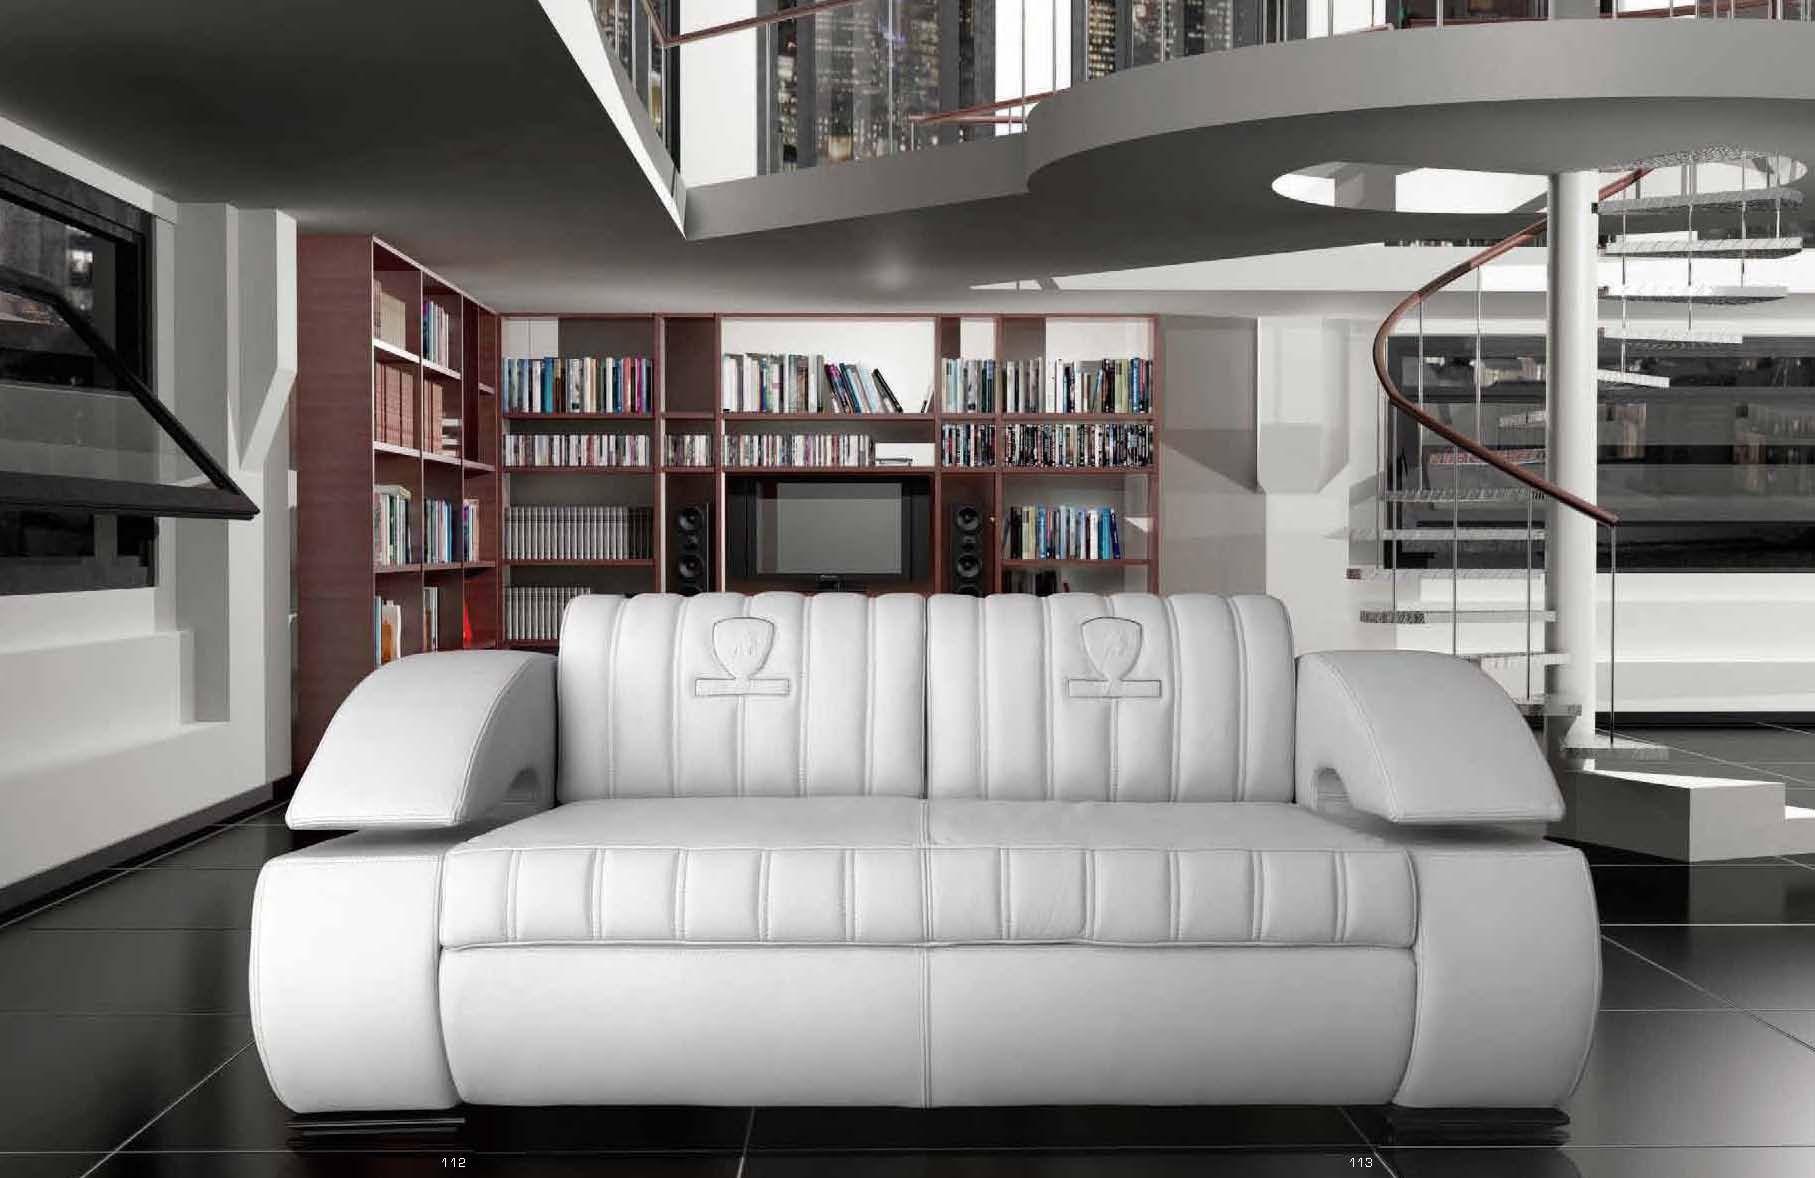 vip sofas luxus m bel serie suzuka sdie m bel aus italien. Black Bedroom Furniture Sets. Home Design Ideas